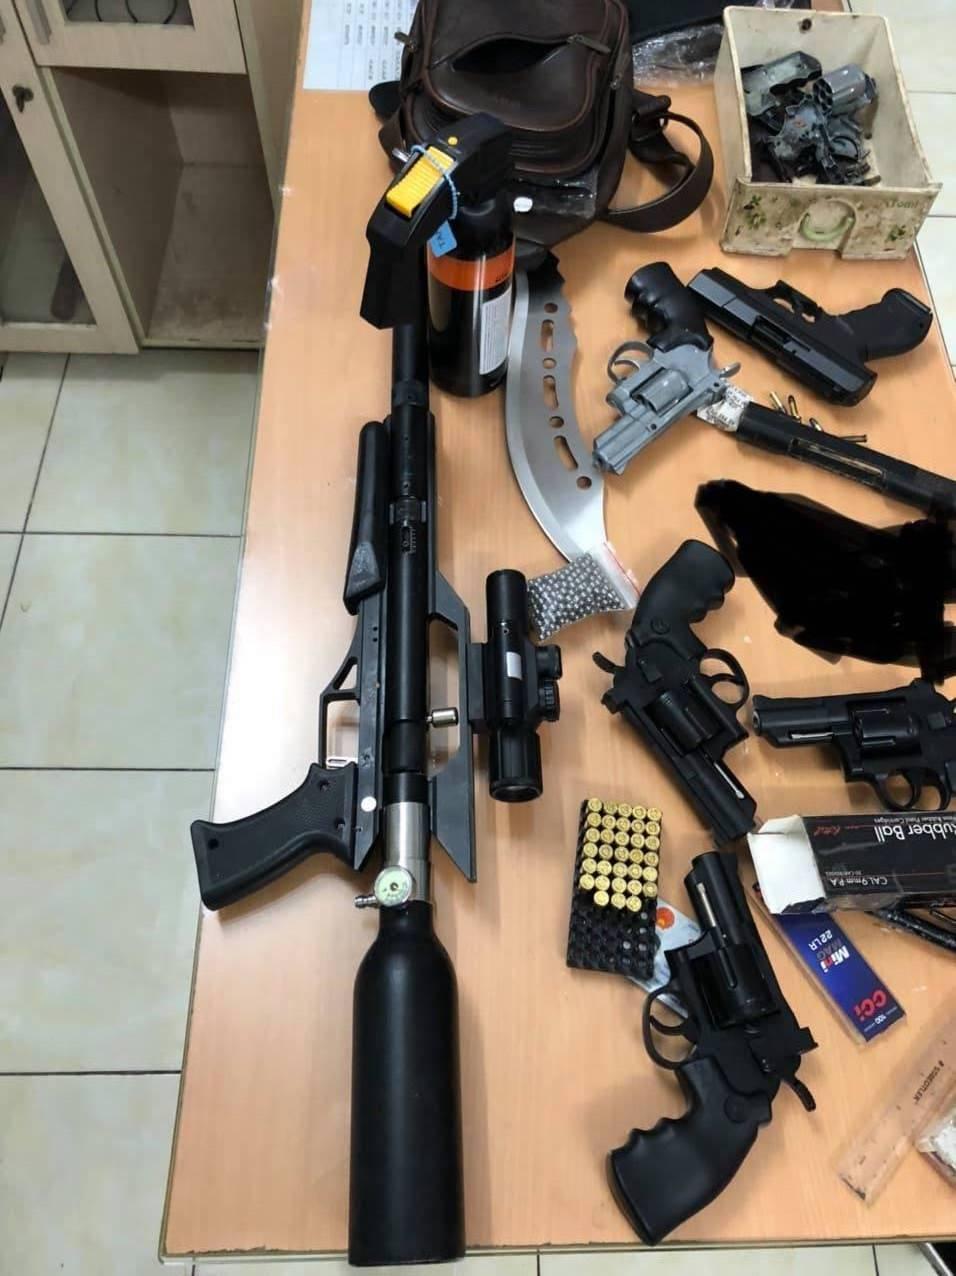 Phát hiện kho súng đạn, công cụ hỗ trợ… của nam thanh niên ở giữa trung tâm Sài Gòn - Ảnh 2.